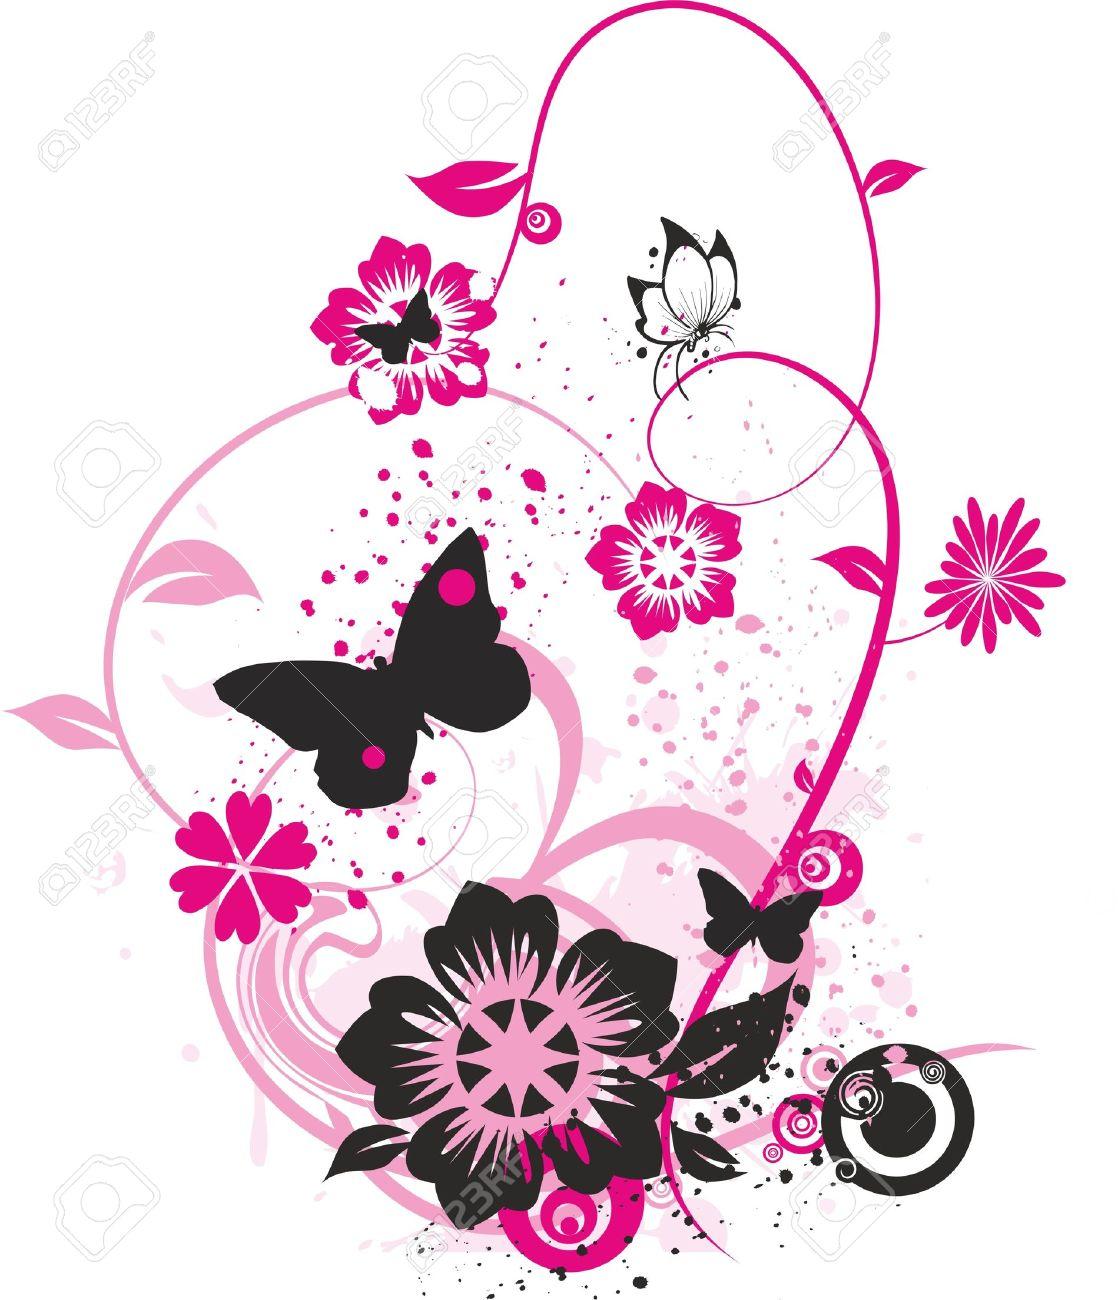 Banque dimages , dessin floral de papillons, de fleurs et de petits cercles colorés avec rose vif